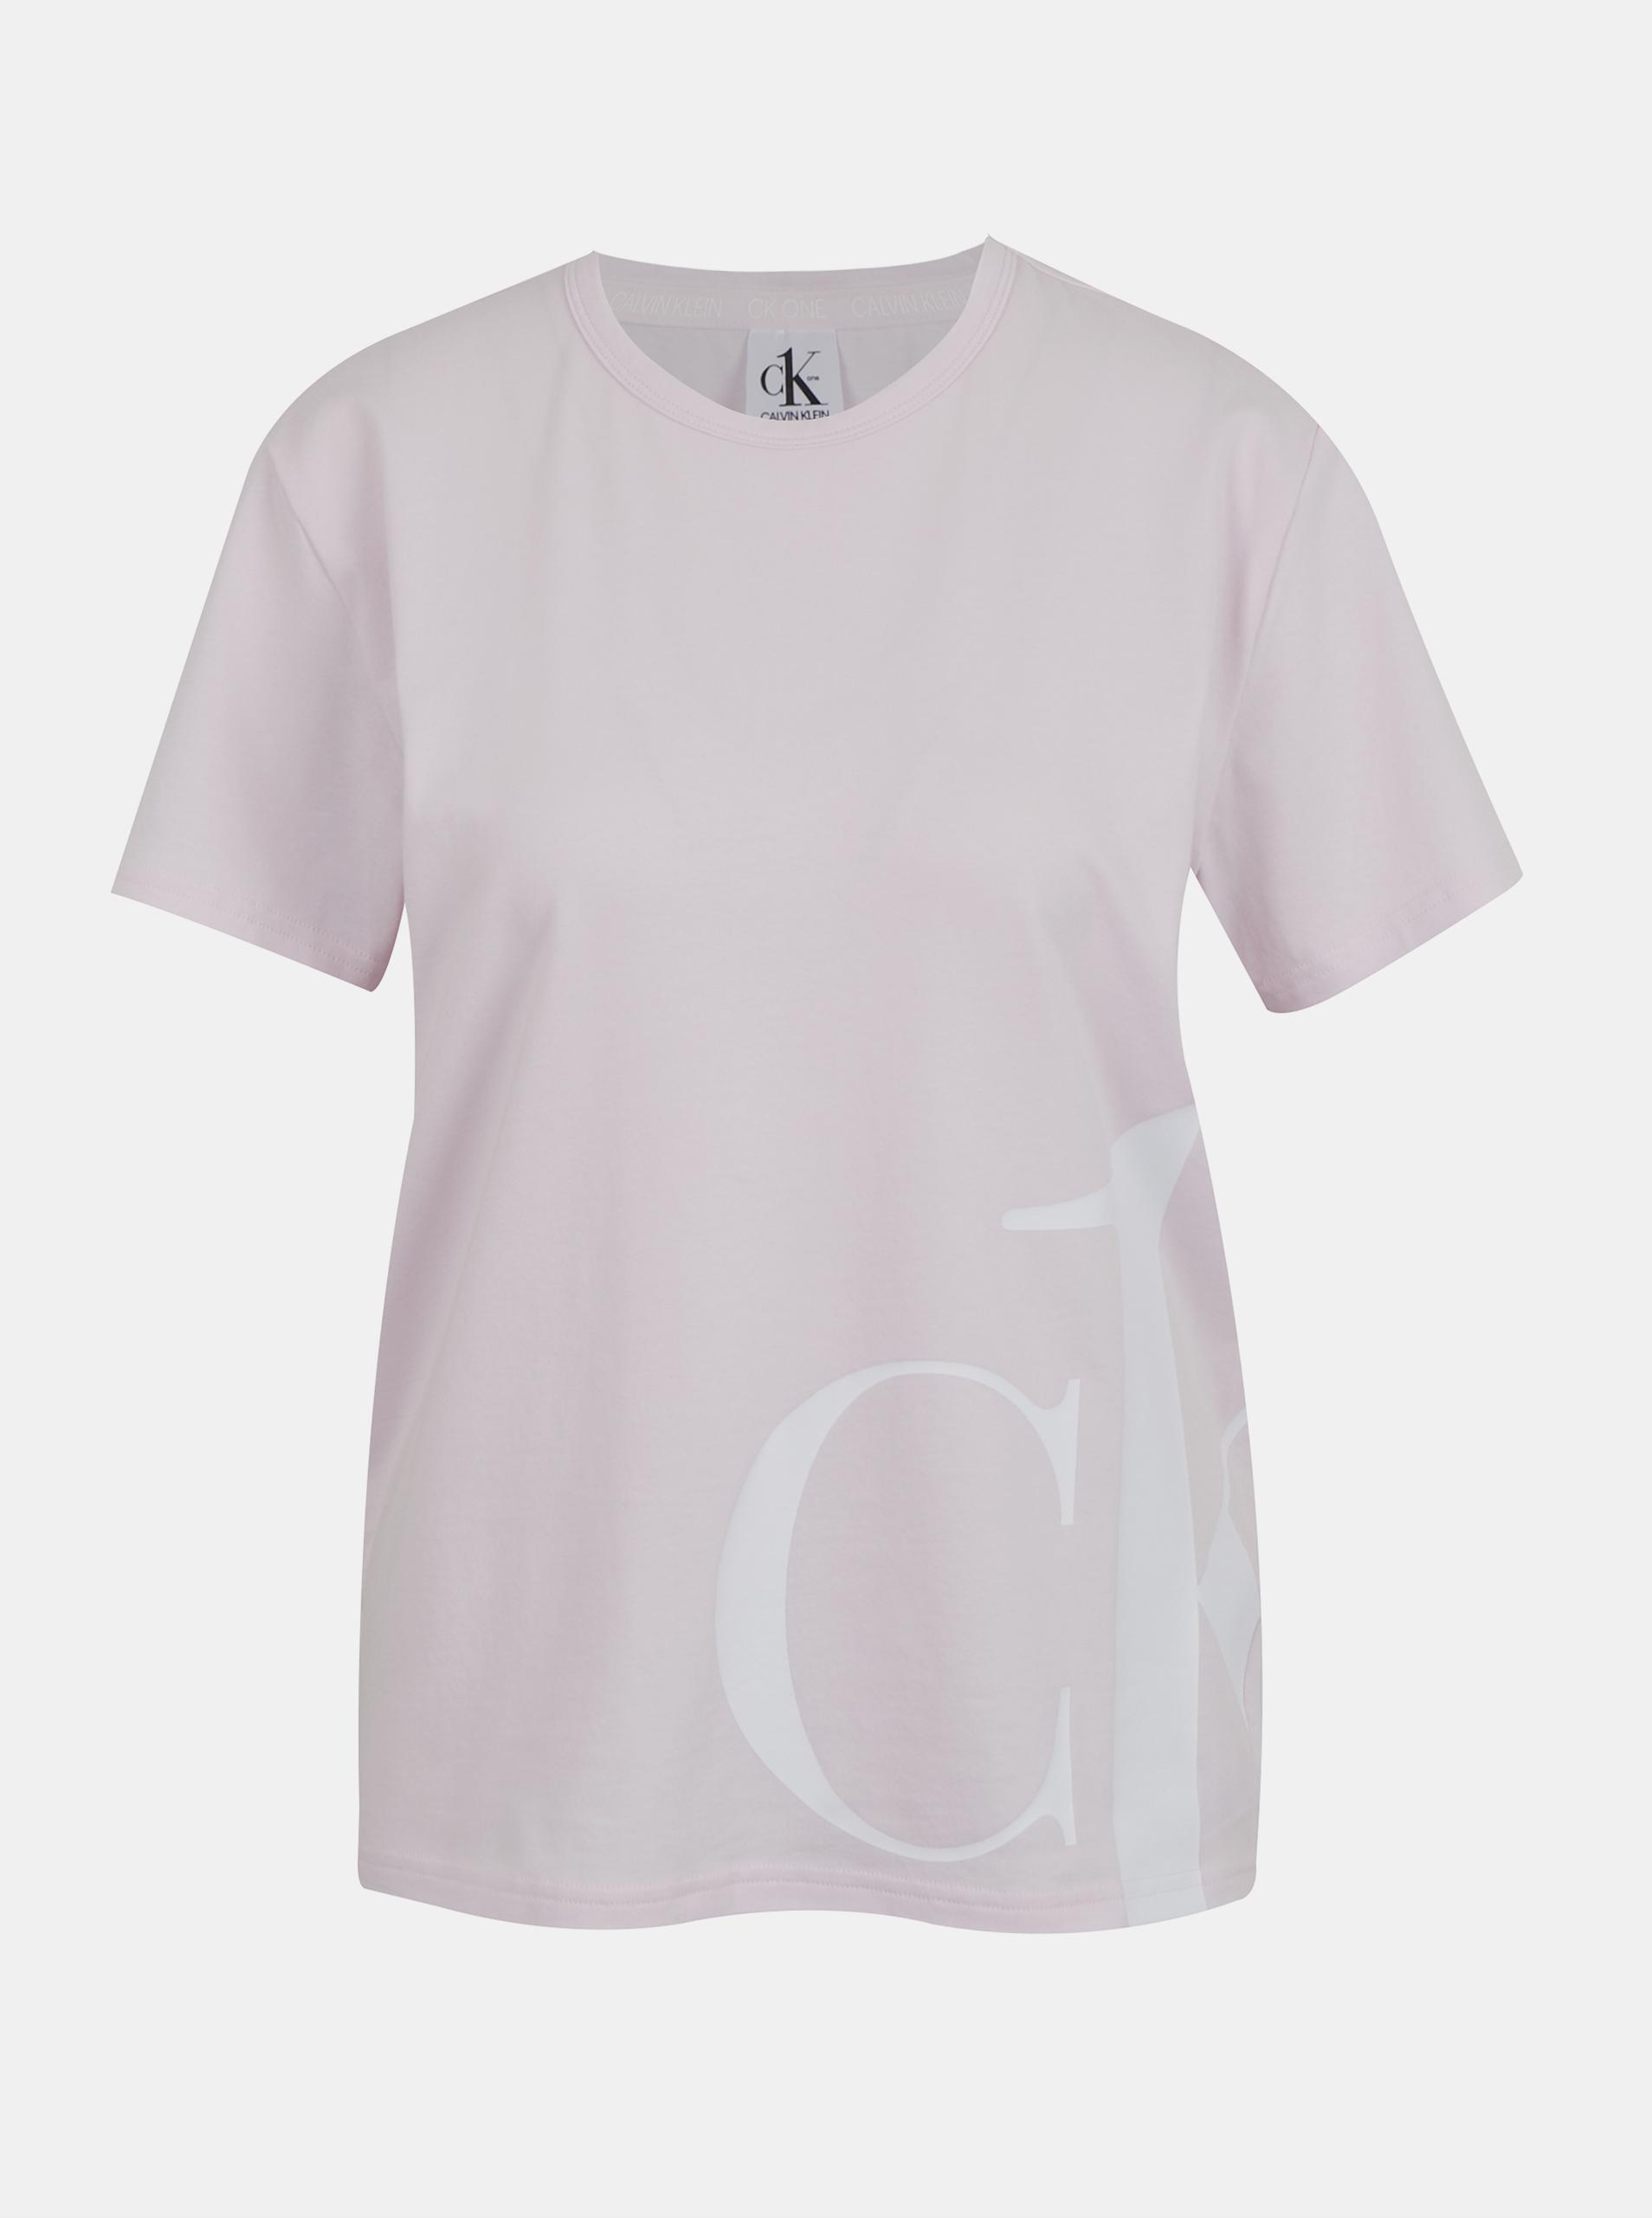 Calvin Klein rosa maglietta S/S Crew Neck